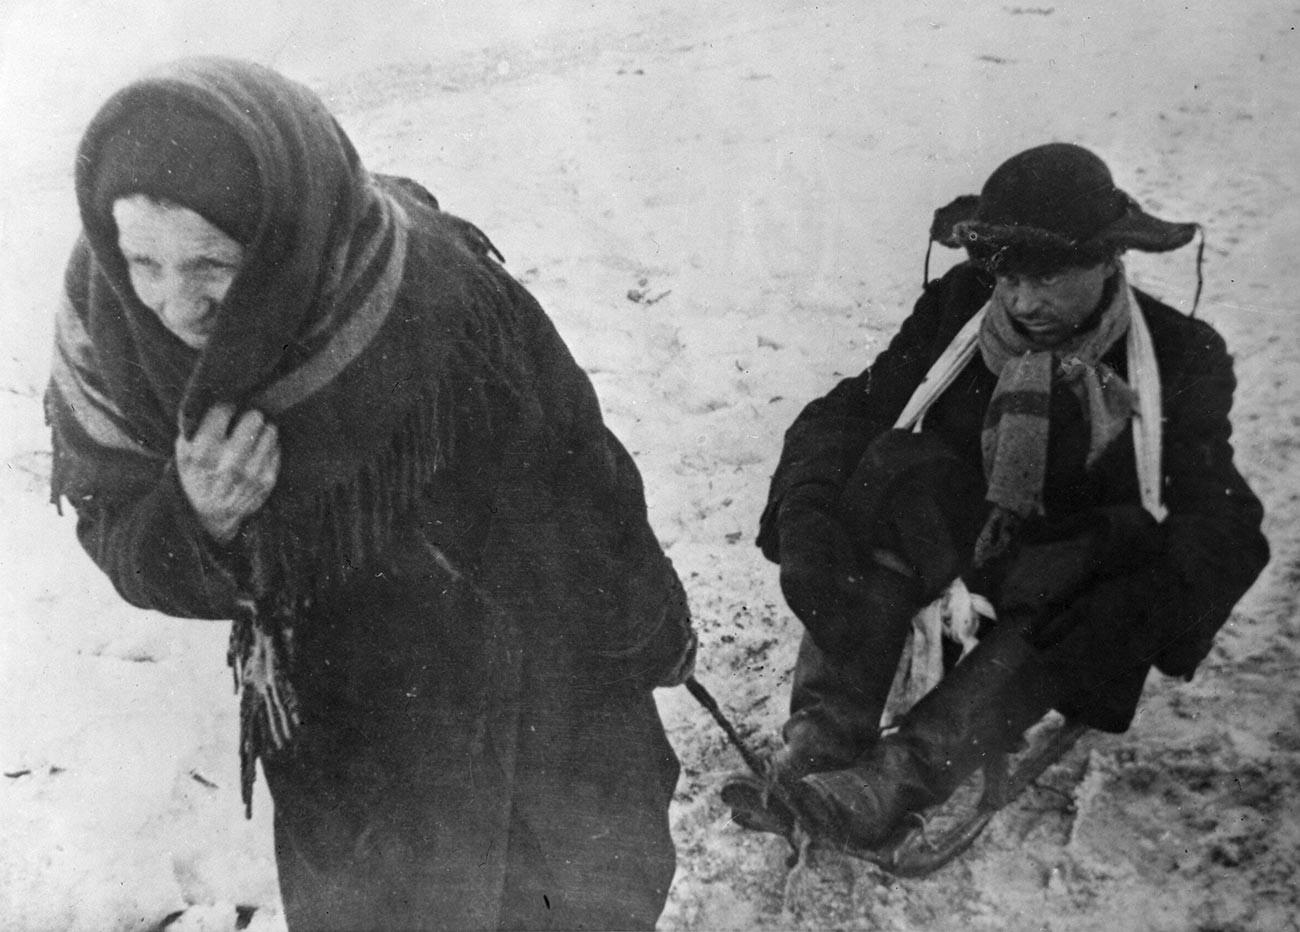 Ženska pelje na sankah moža, oslabelega zaradi lakote, v obleganem Leningradu med drugo svetovno vojno